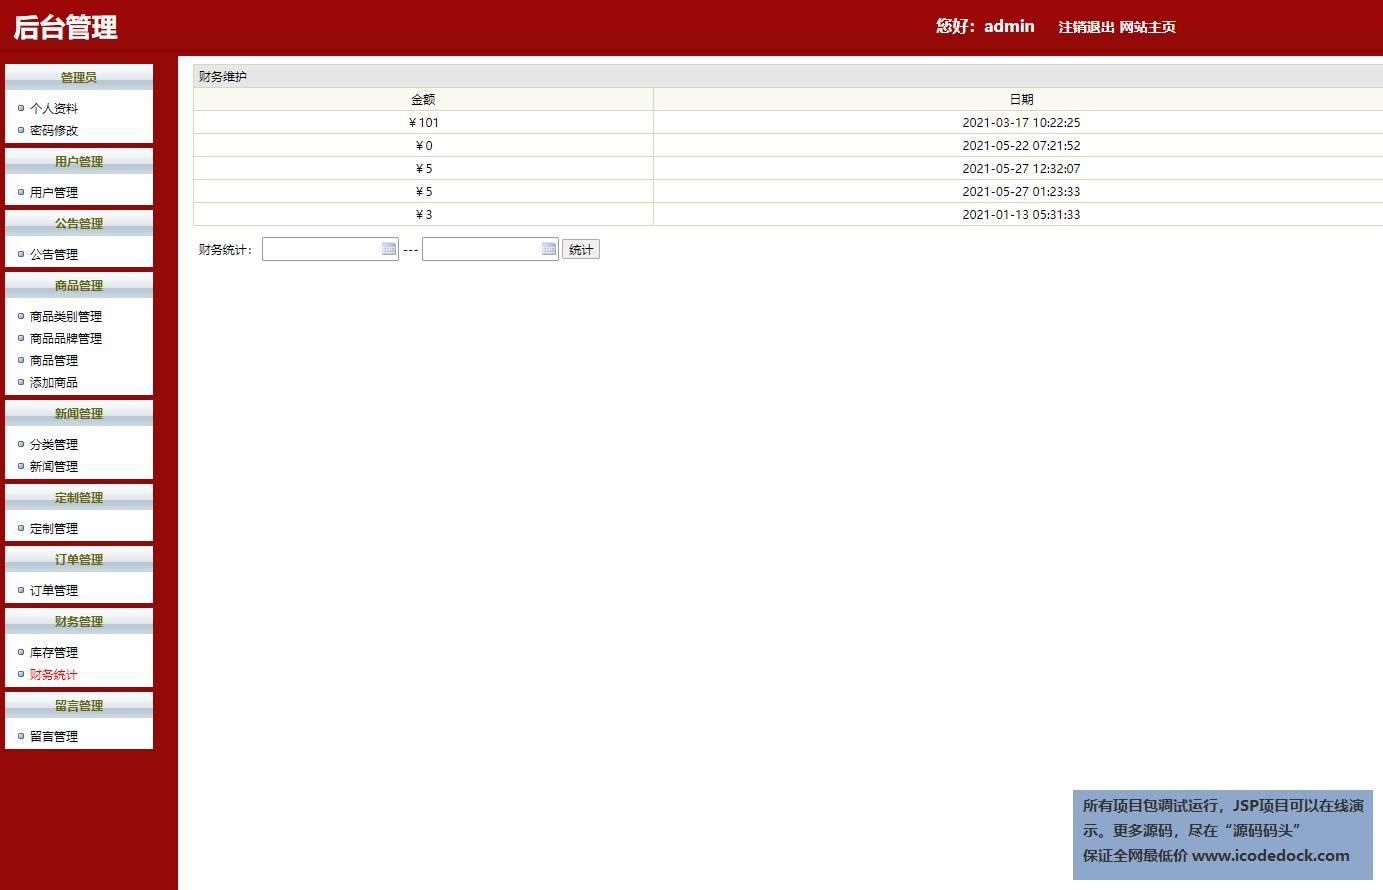 源码码头-SSH实现的女装女鞋服装商城网站项目-管理员角色-财务统计